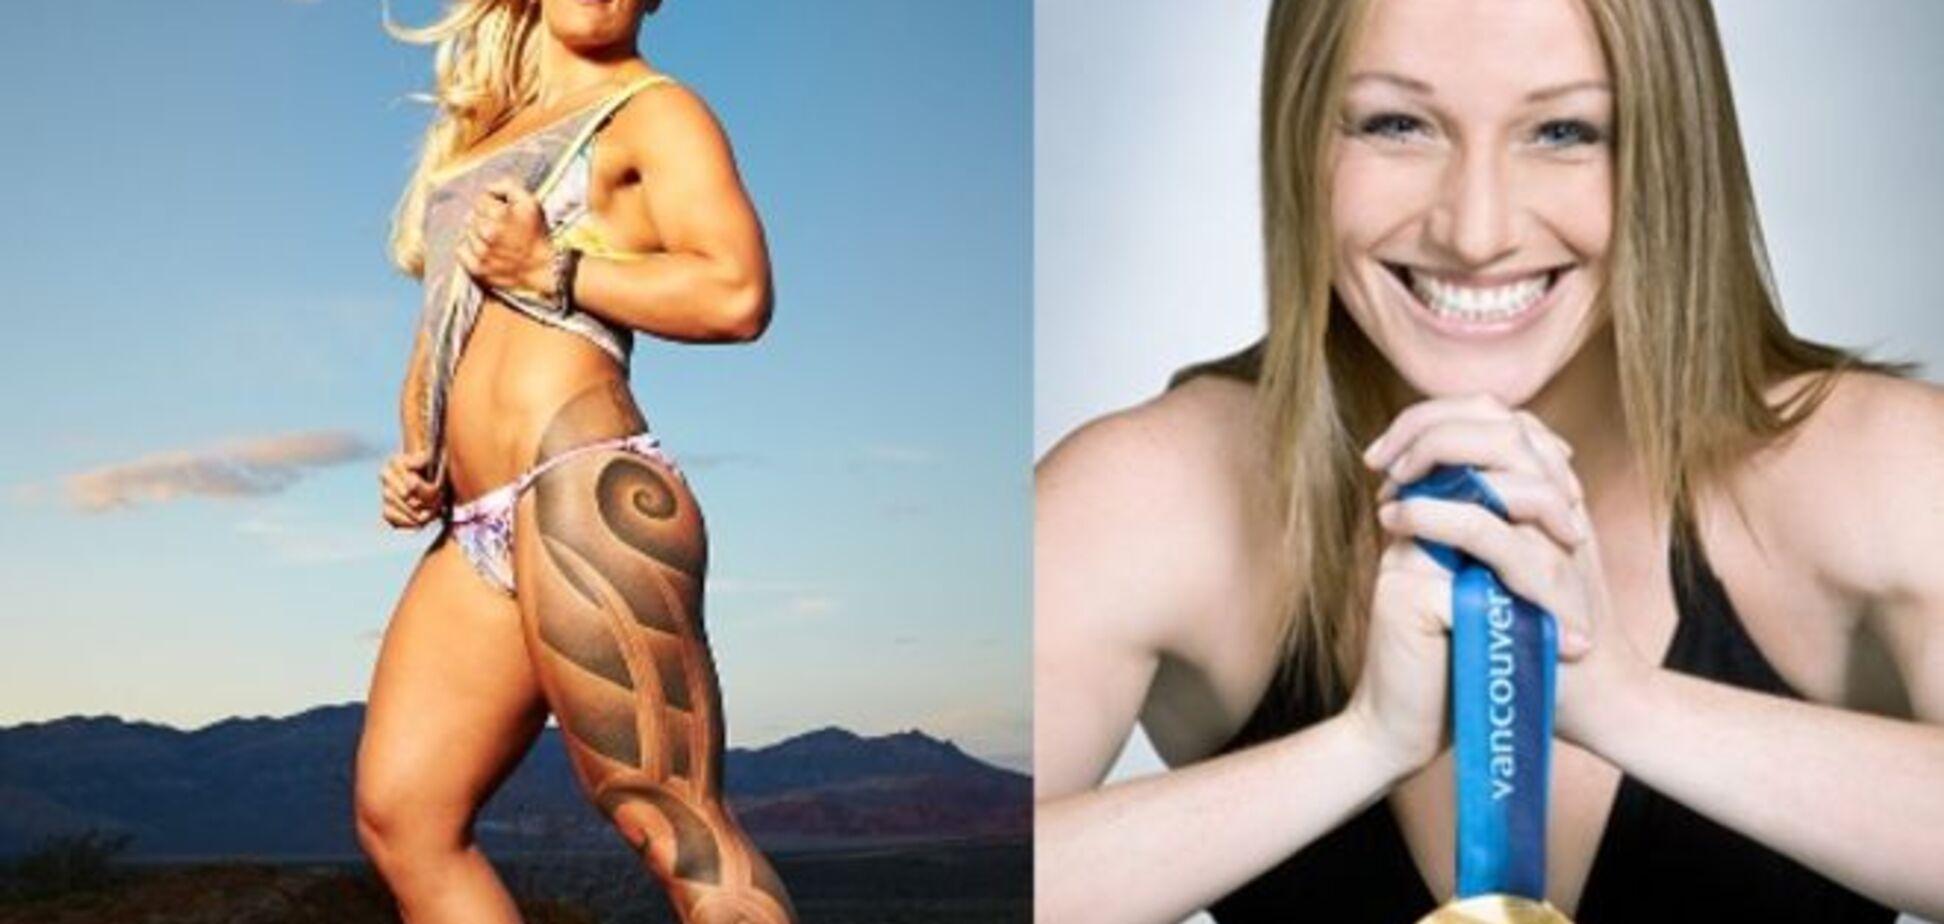 Самая дикая спортсменка удивила обнаженными фотографиями